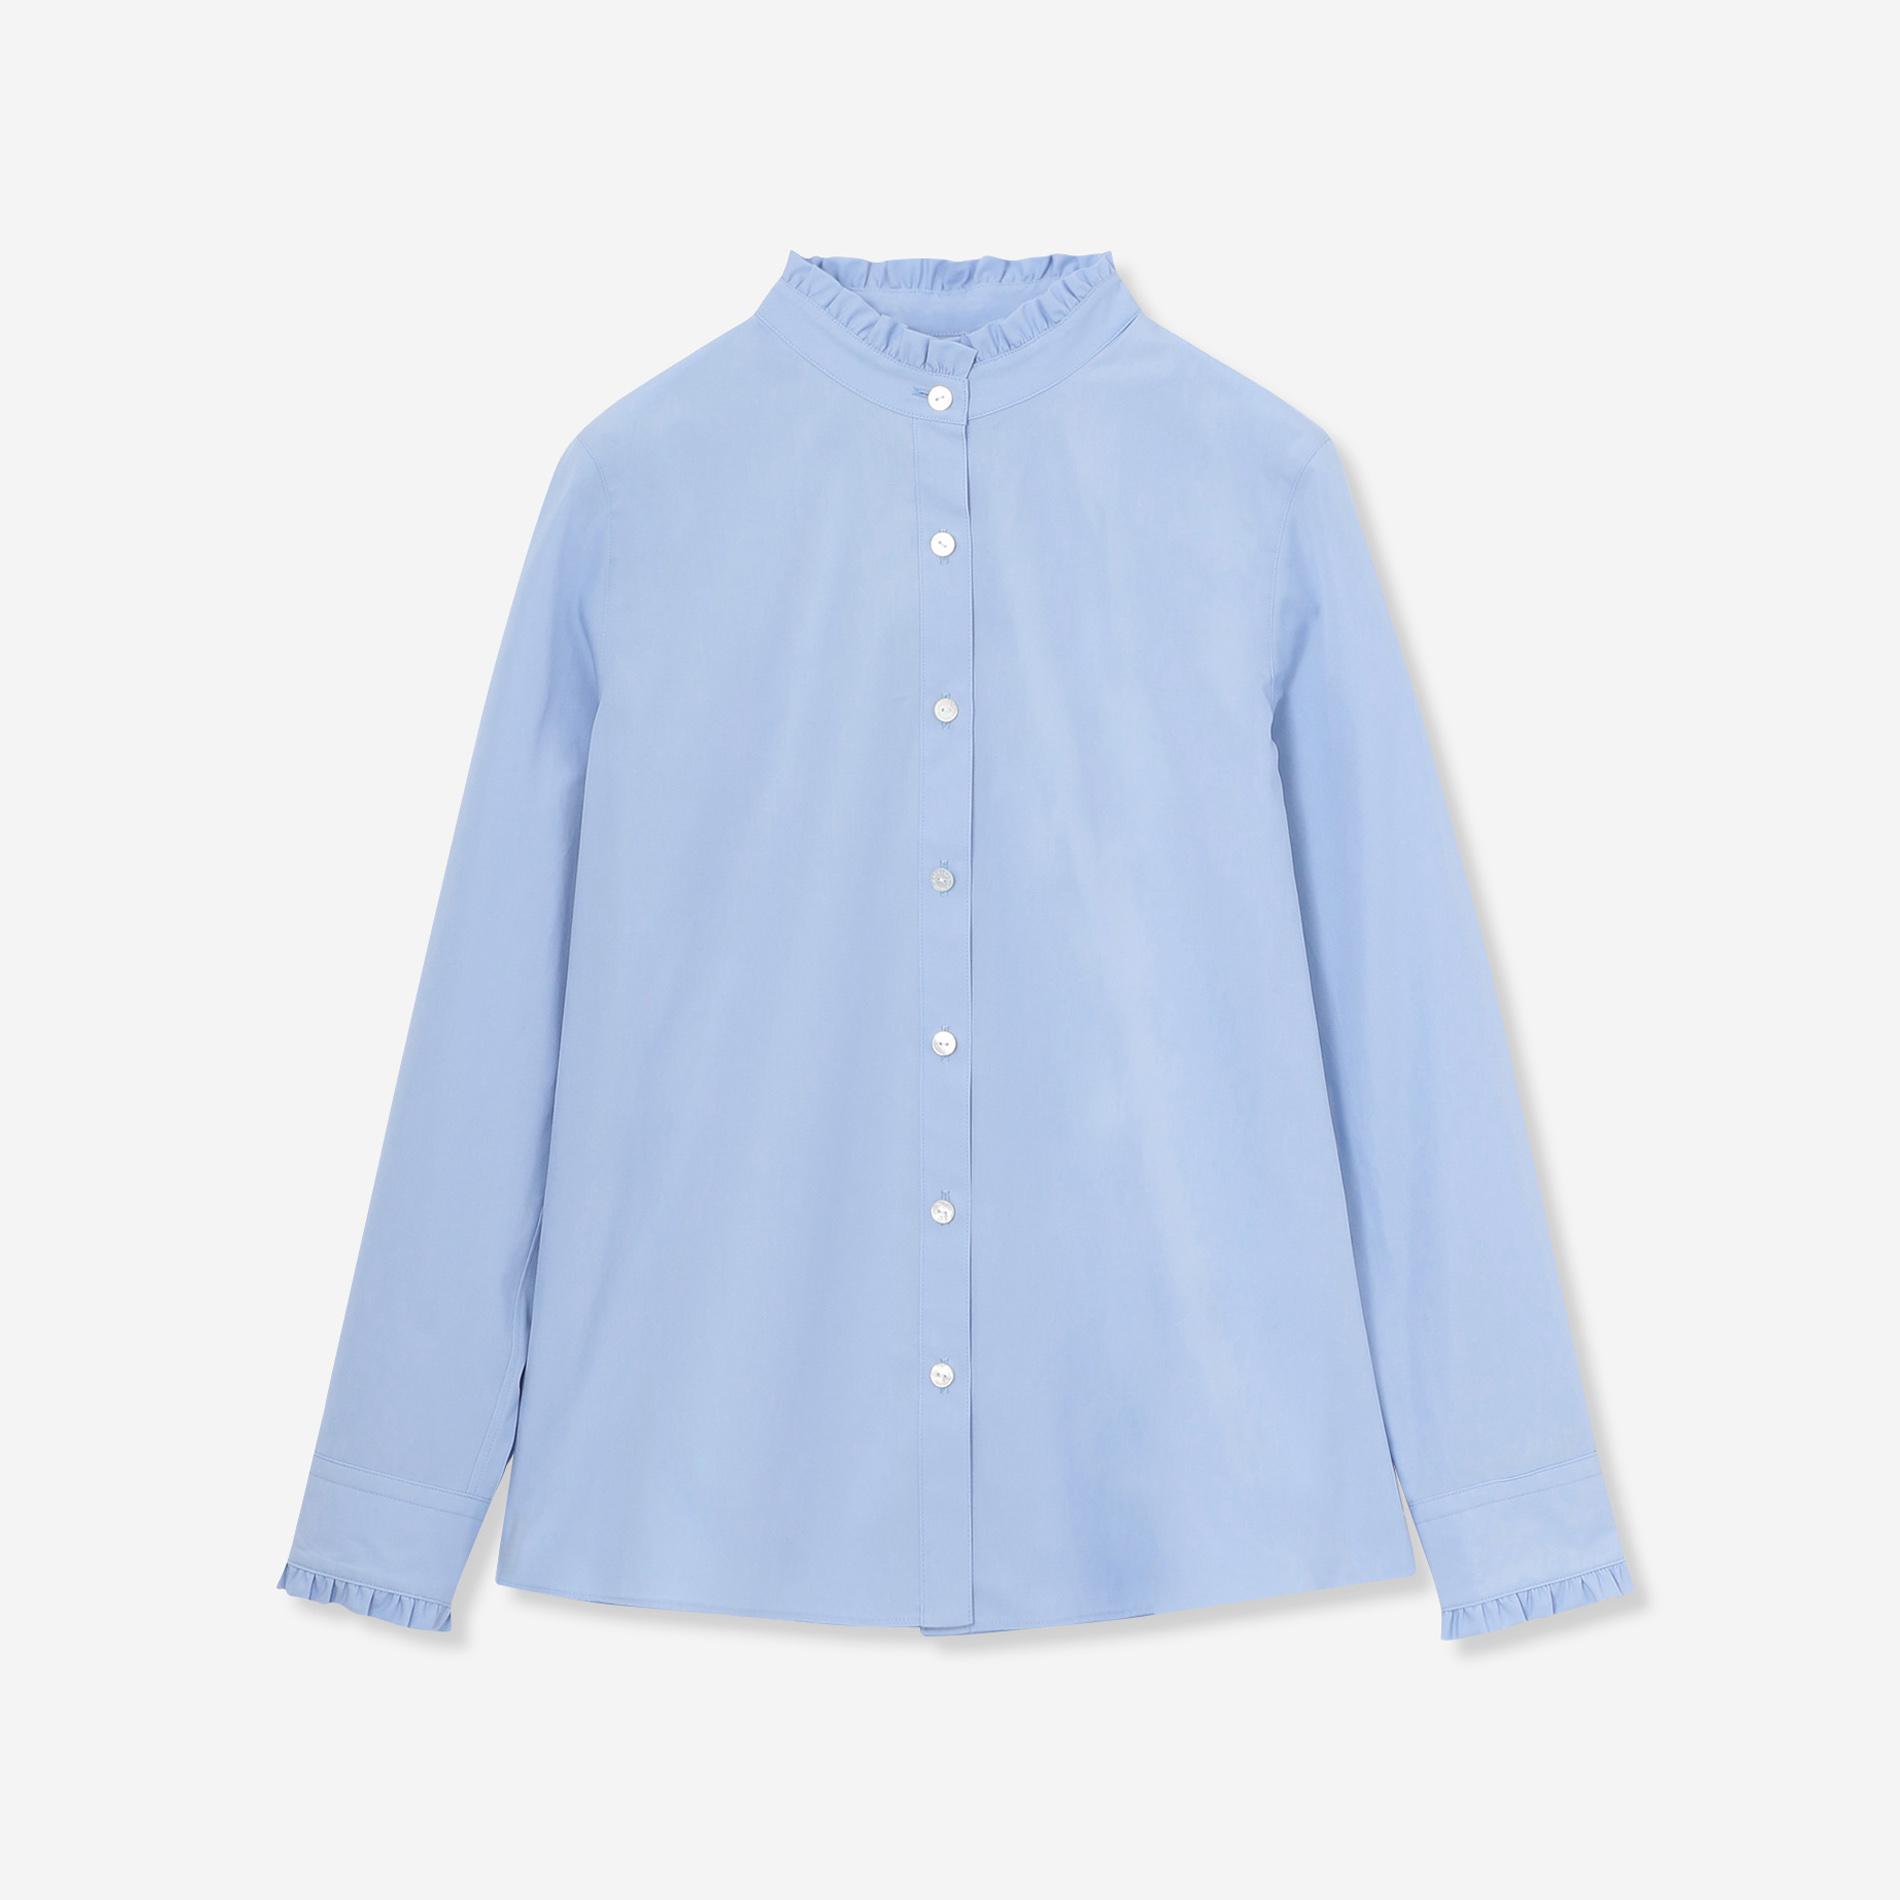 ◆◆ハイカウントブロードフリルカラーシャツ